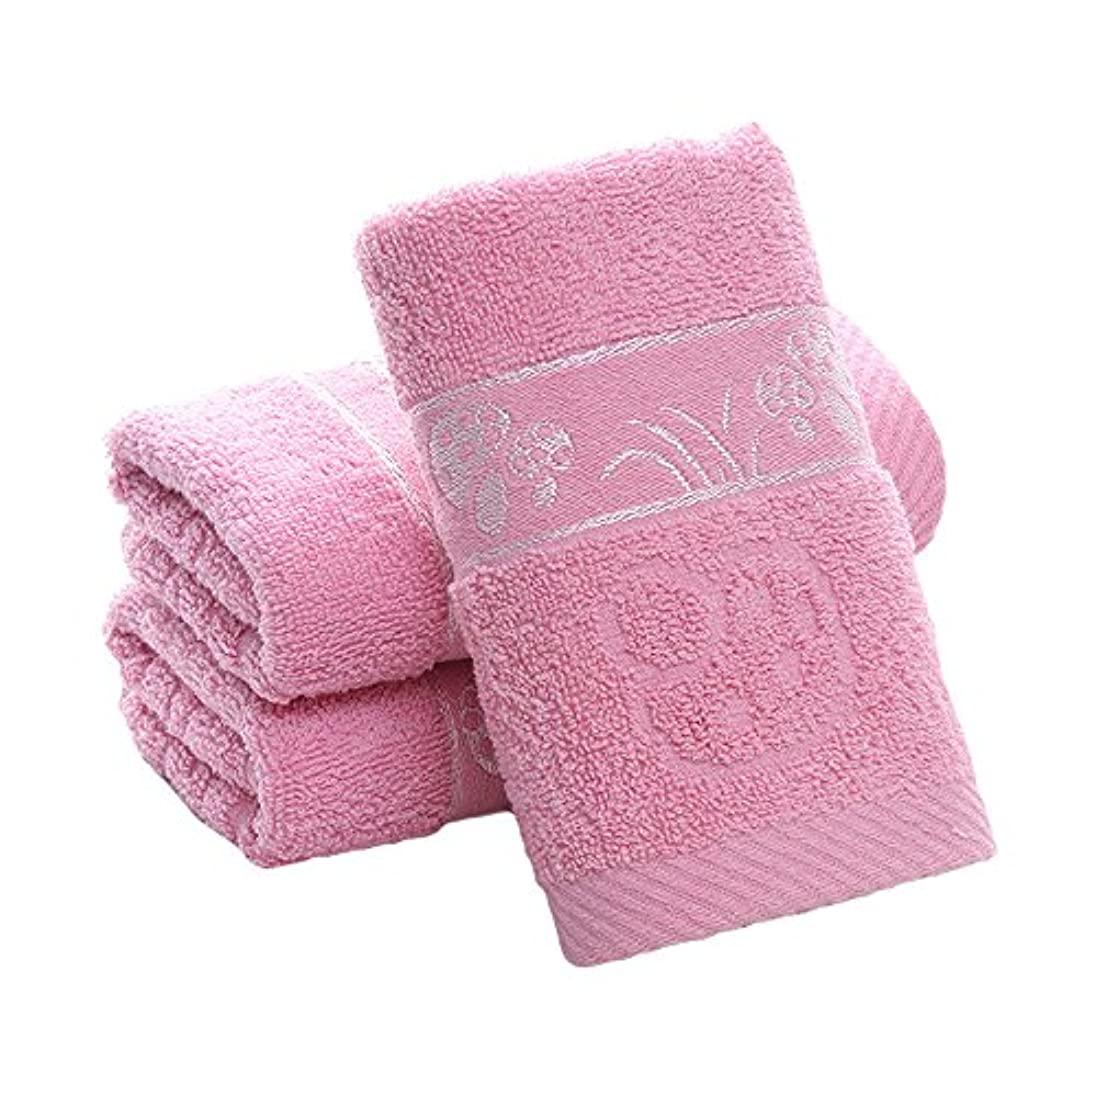 記念日急ぐ守る3枚セント フェイスタオル 厚手 安い おしゃれ 人気  抗菌 吸水 ピンク